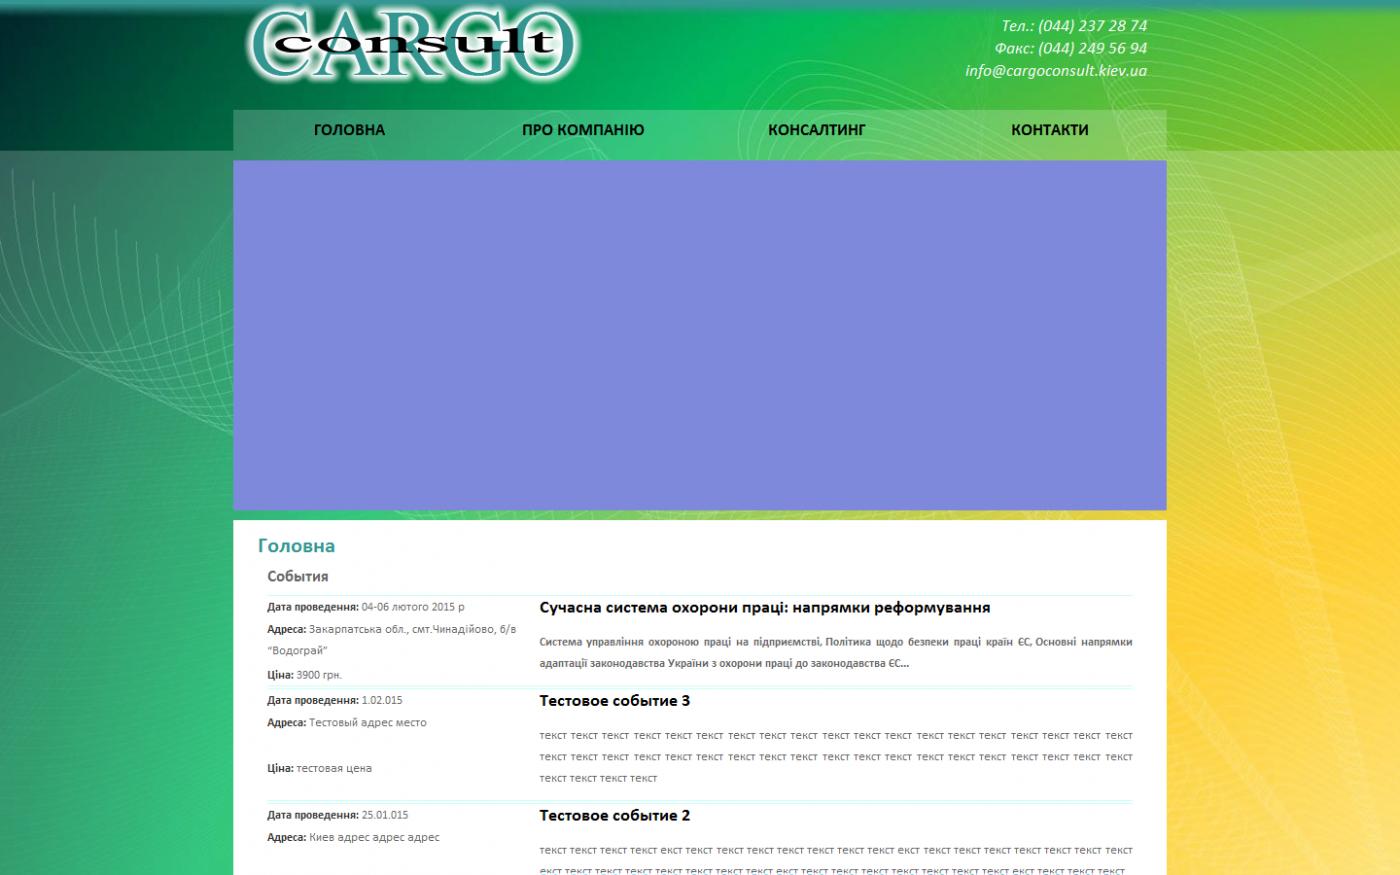 Как сделать дизайн сайта